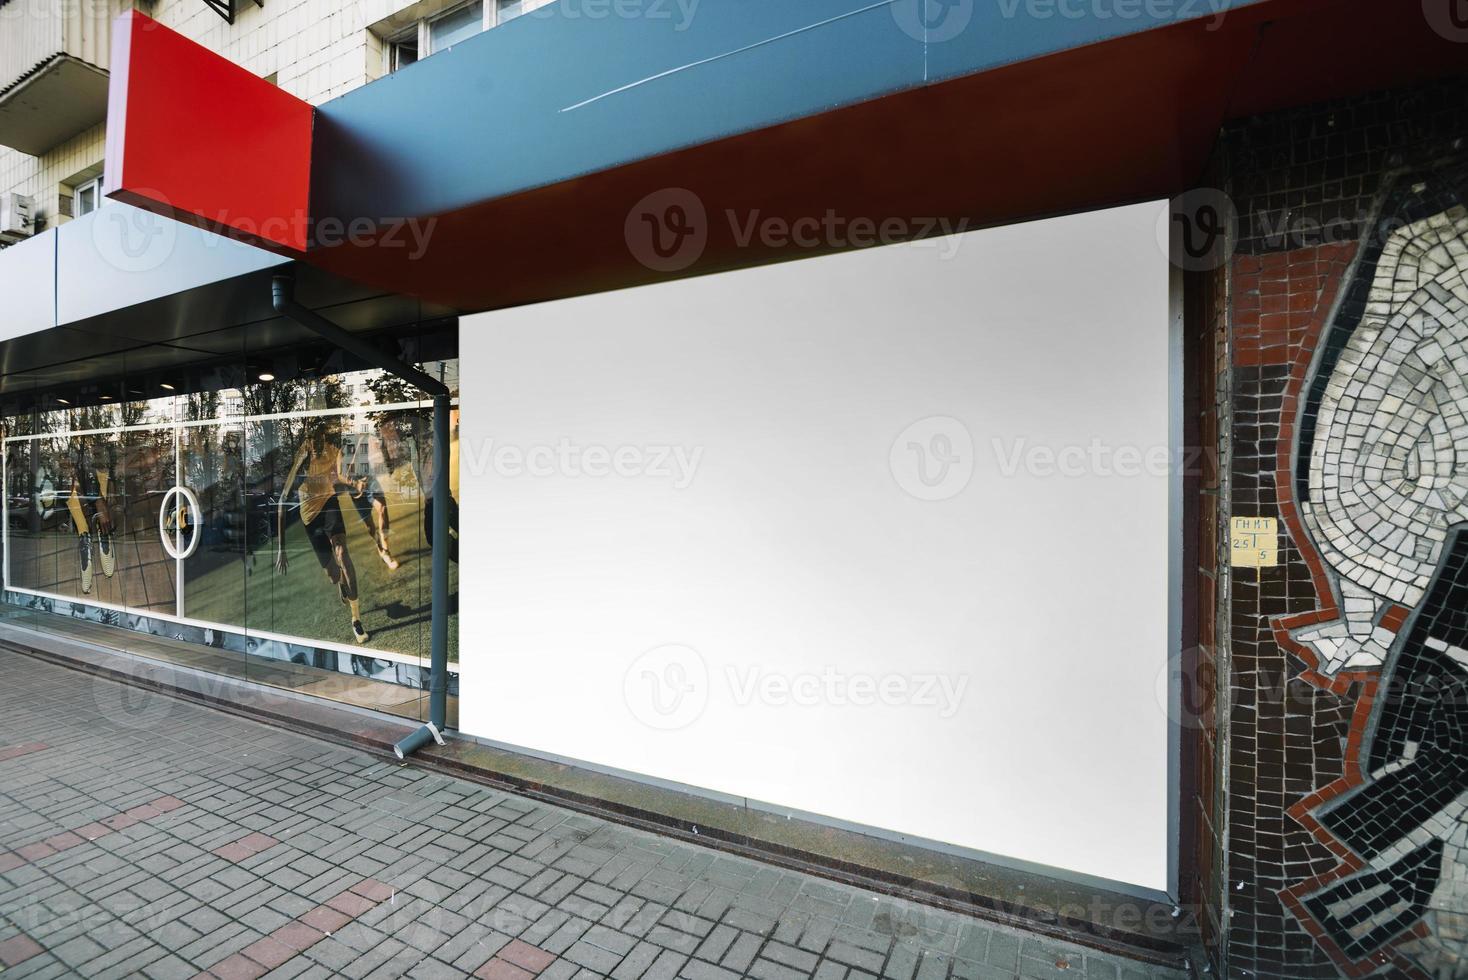 costruzione di pannelli pubblicitari. alta qualità e risoluzione bellissimo concetto di foto